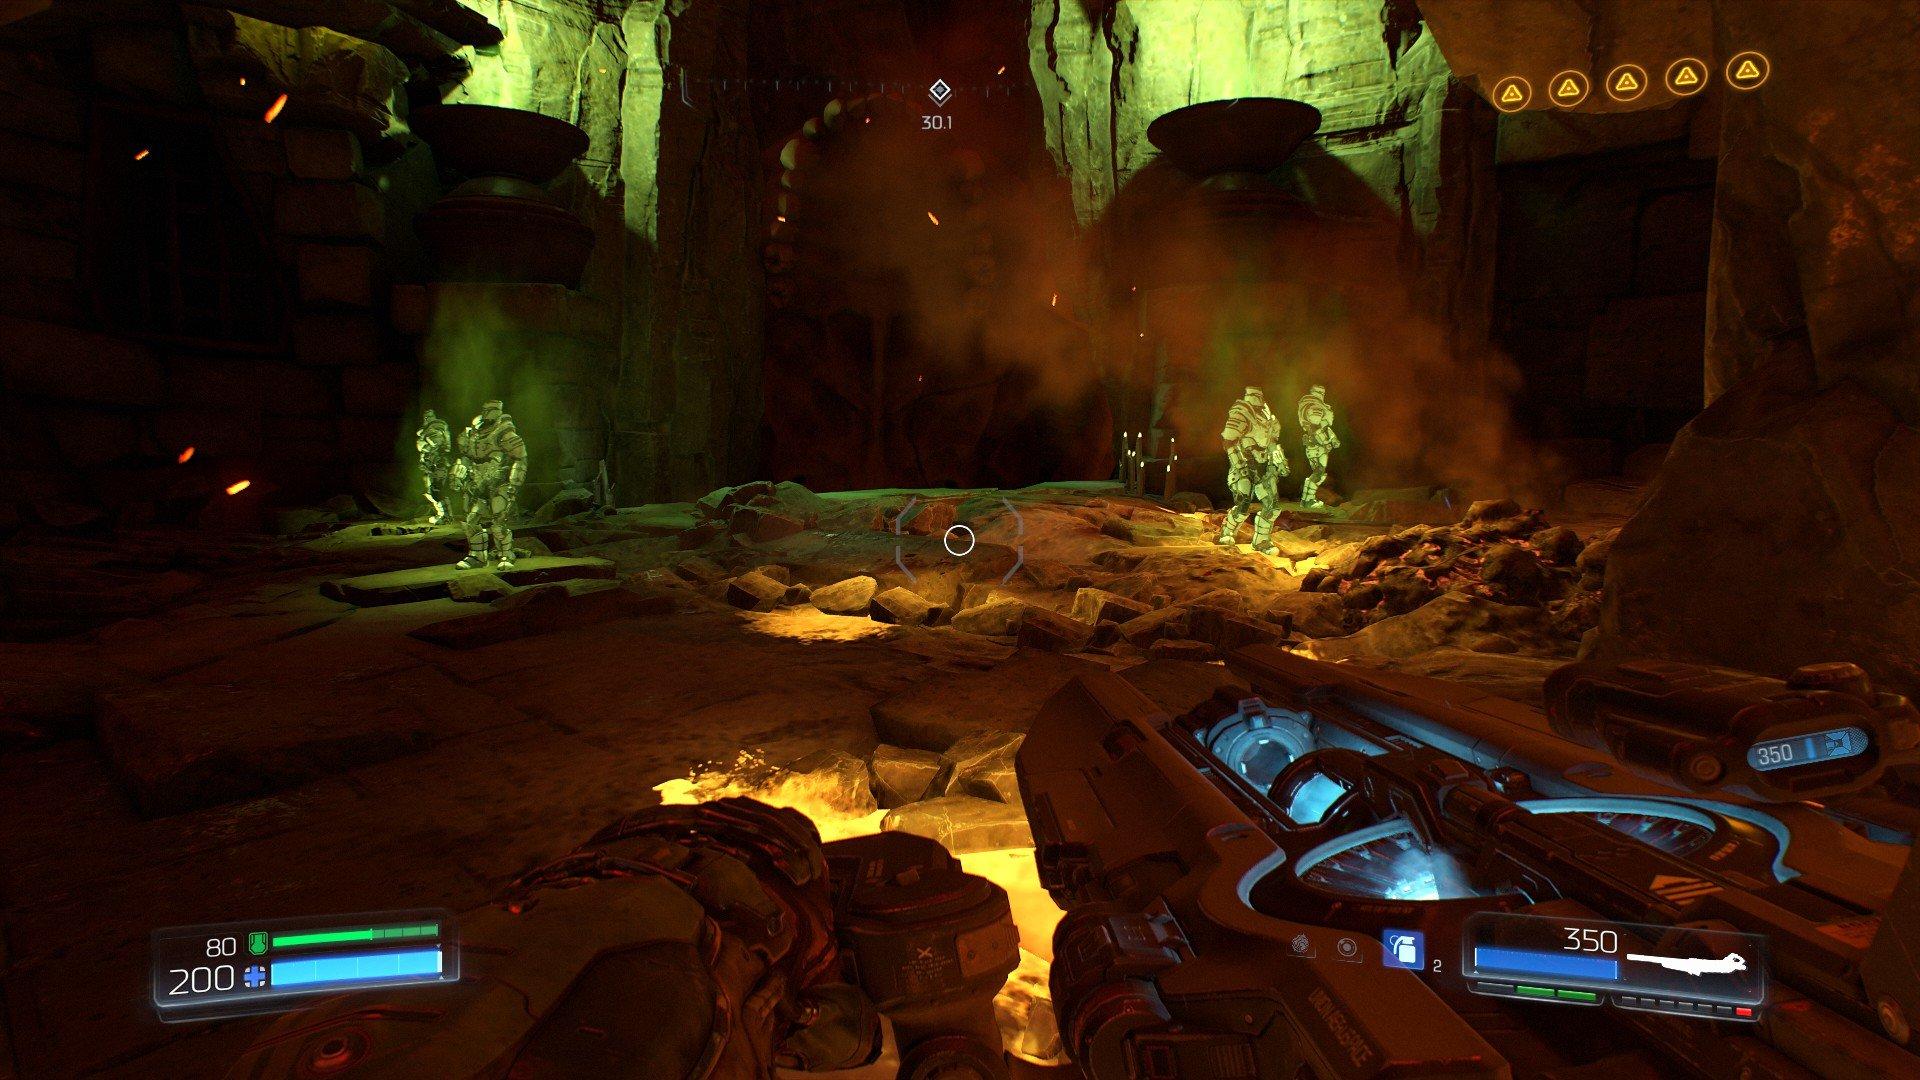 Вопль-прохождение Doom ... ФИНАЛ!!! - Изображение 26